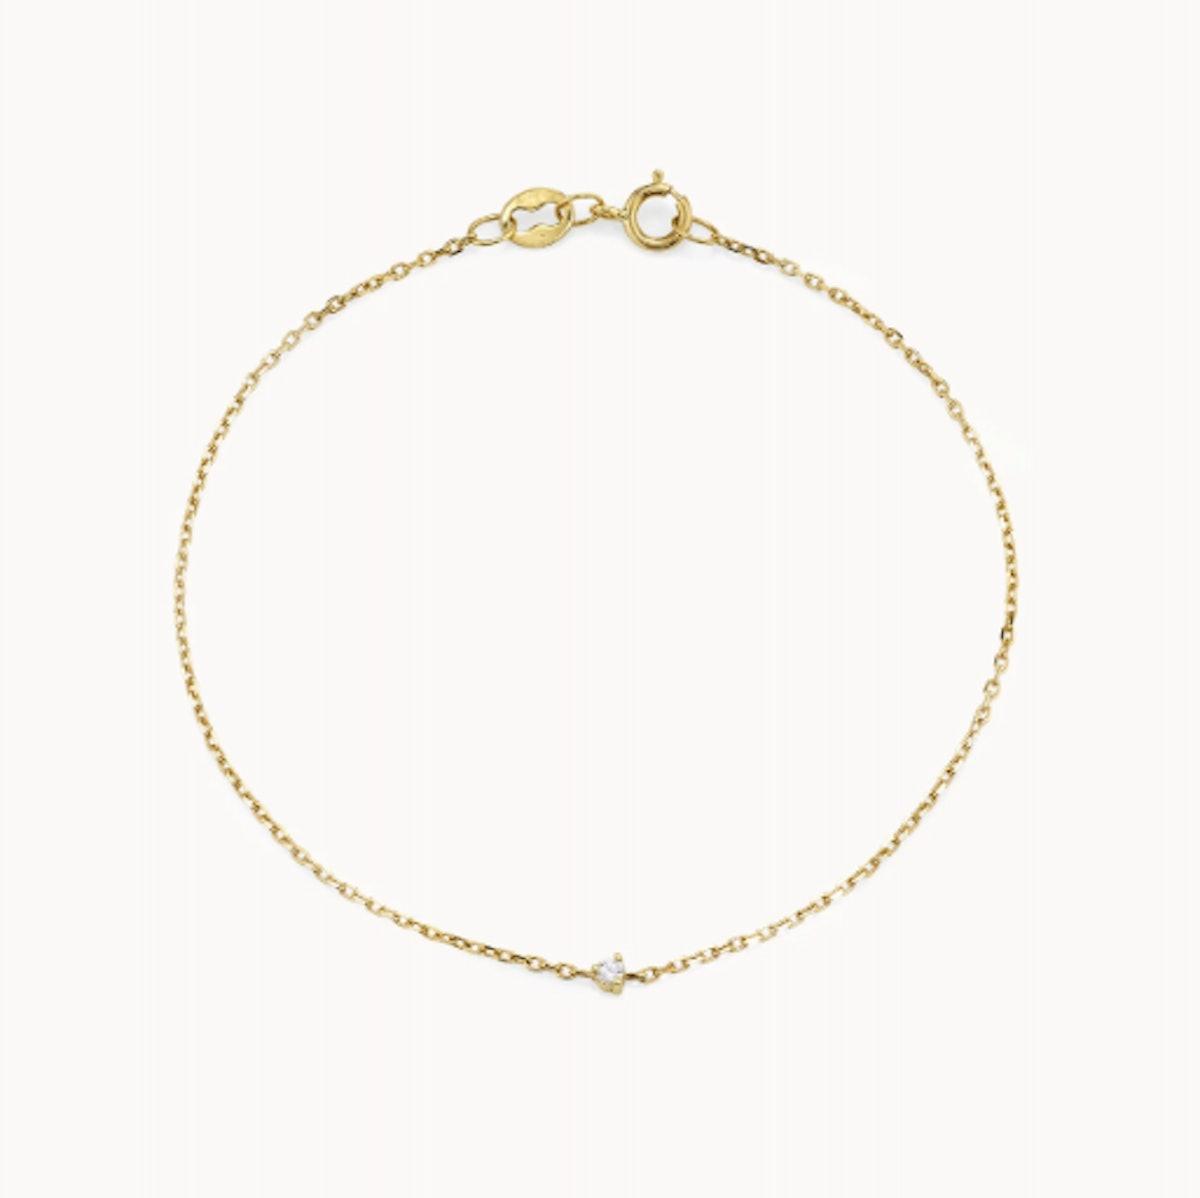 Tiny Diamond Bracelet